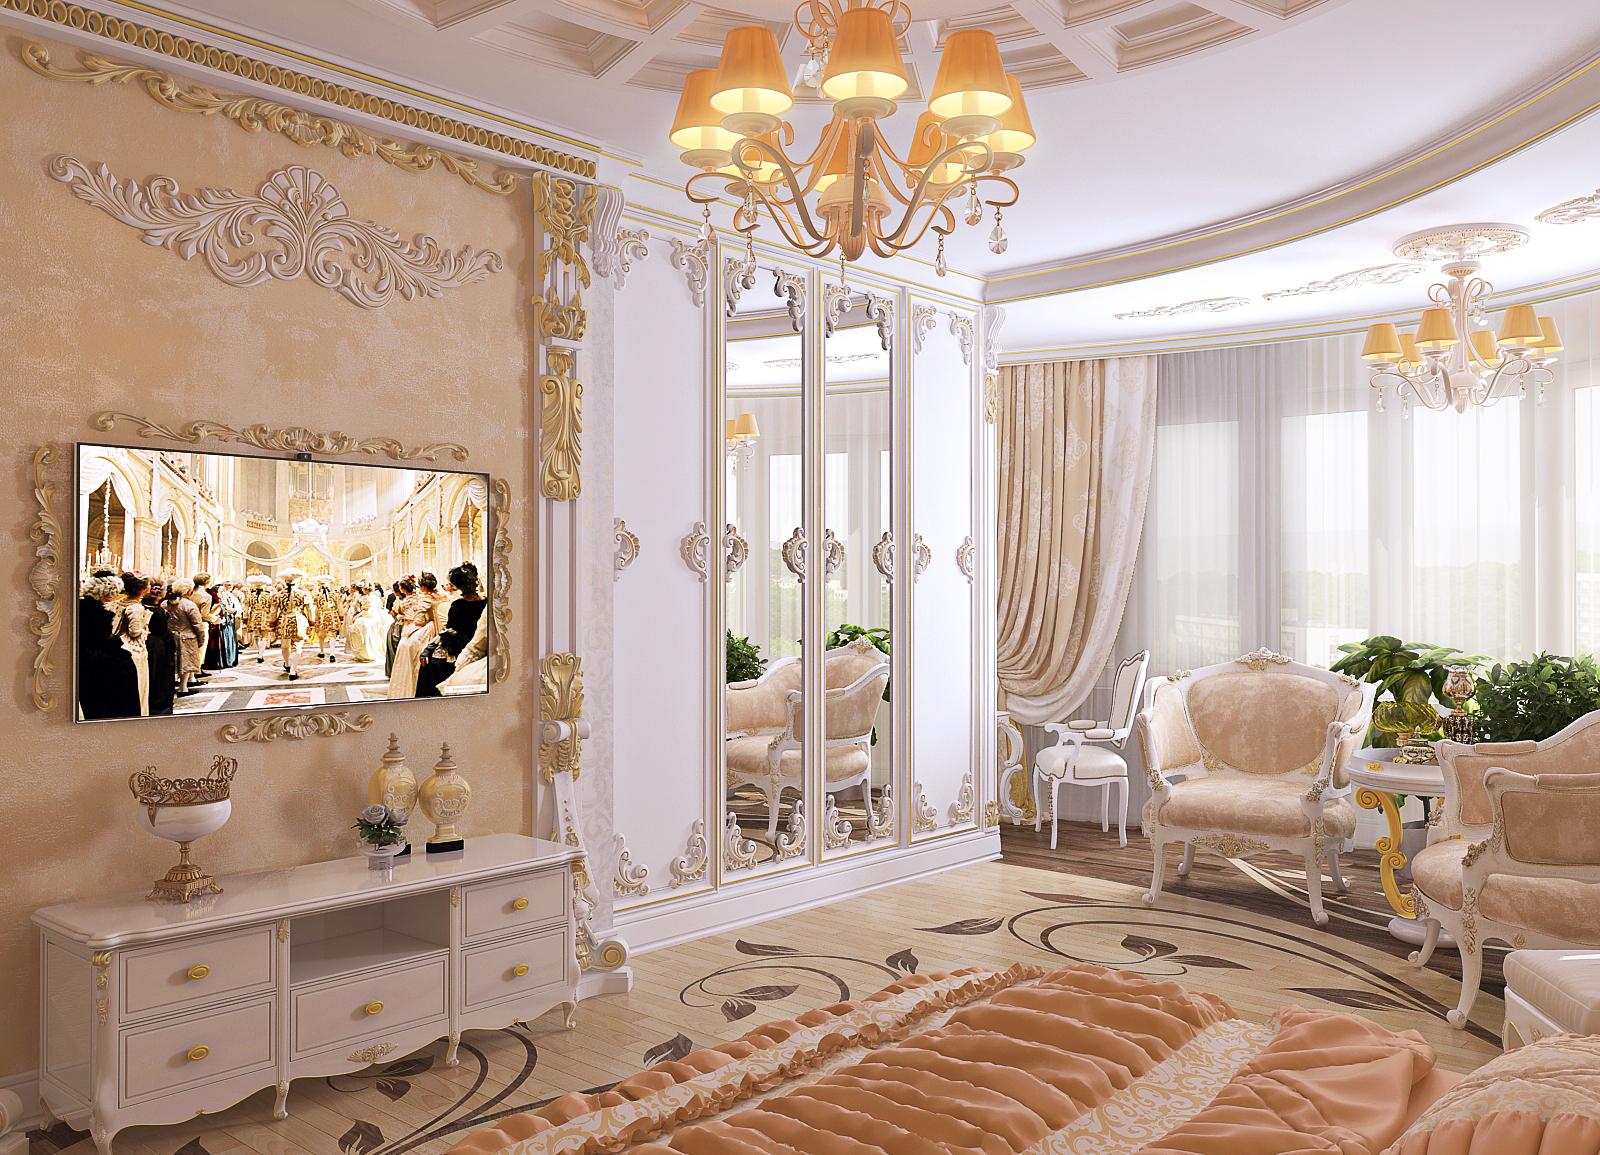 стрижка ремонт квартир в стиле барокко фото результате грегори